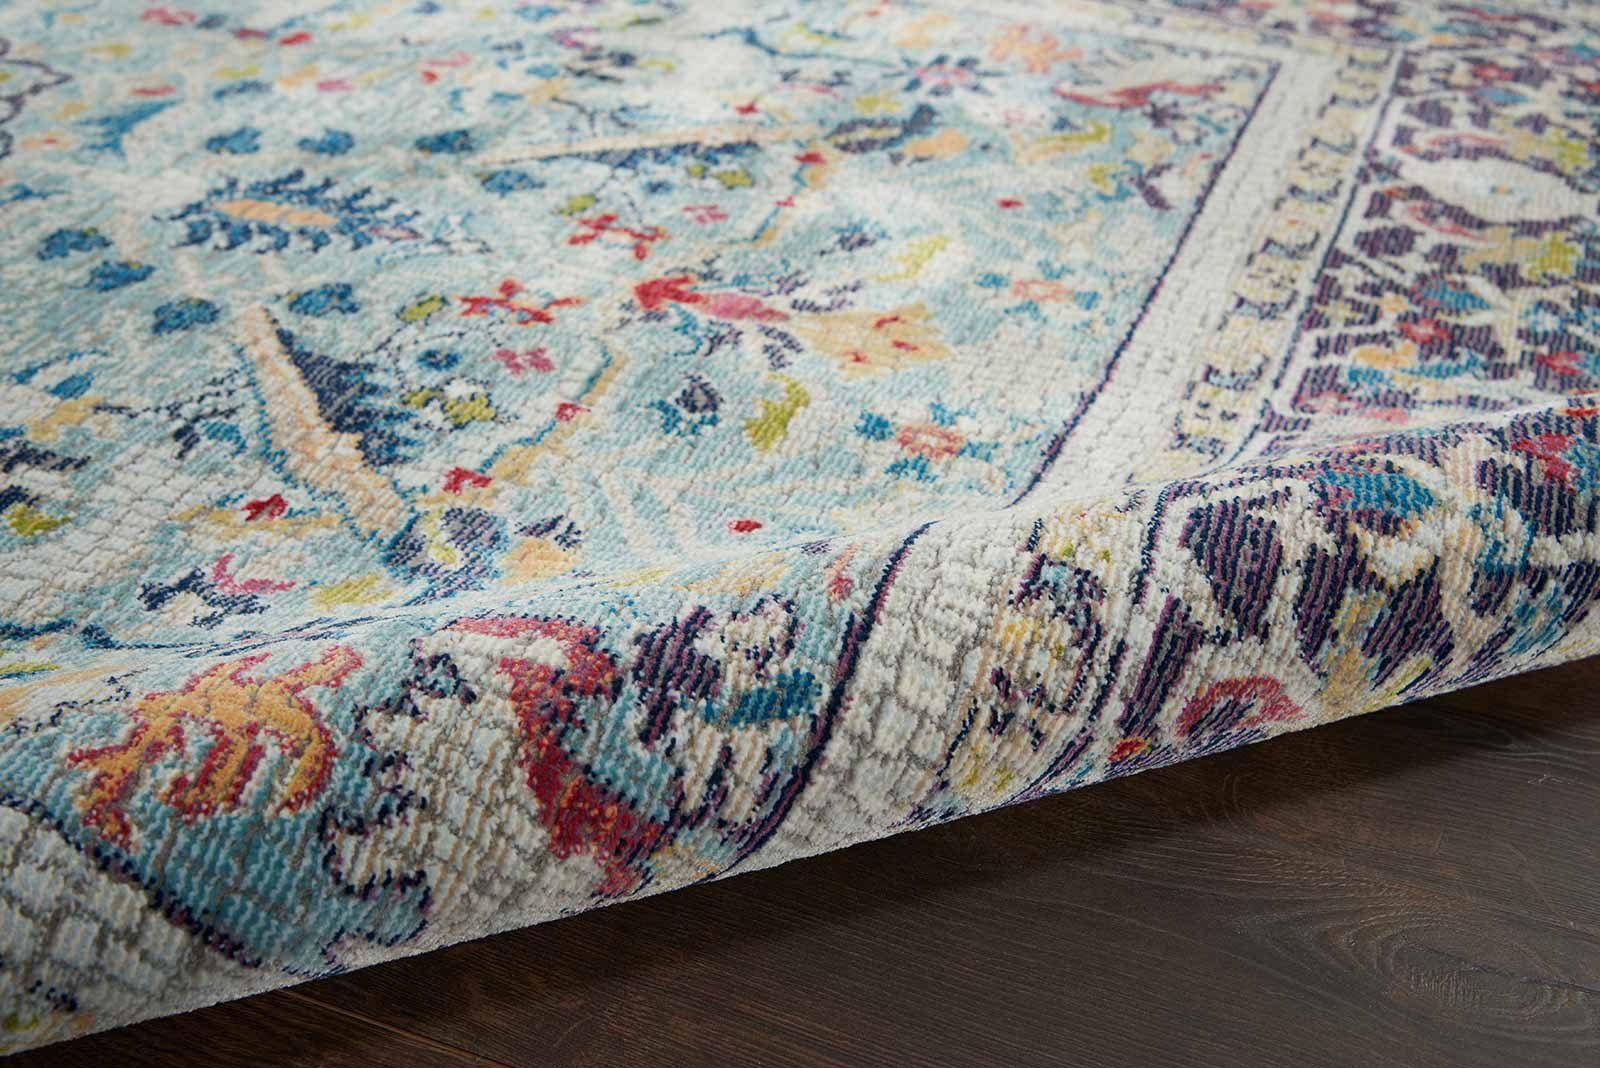 Nourison rug Ankara Global ANR14 TEAL MULTI 5x8 099446498441 TX01 C